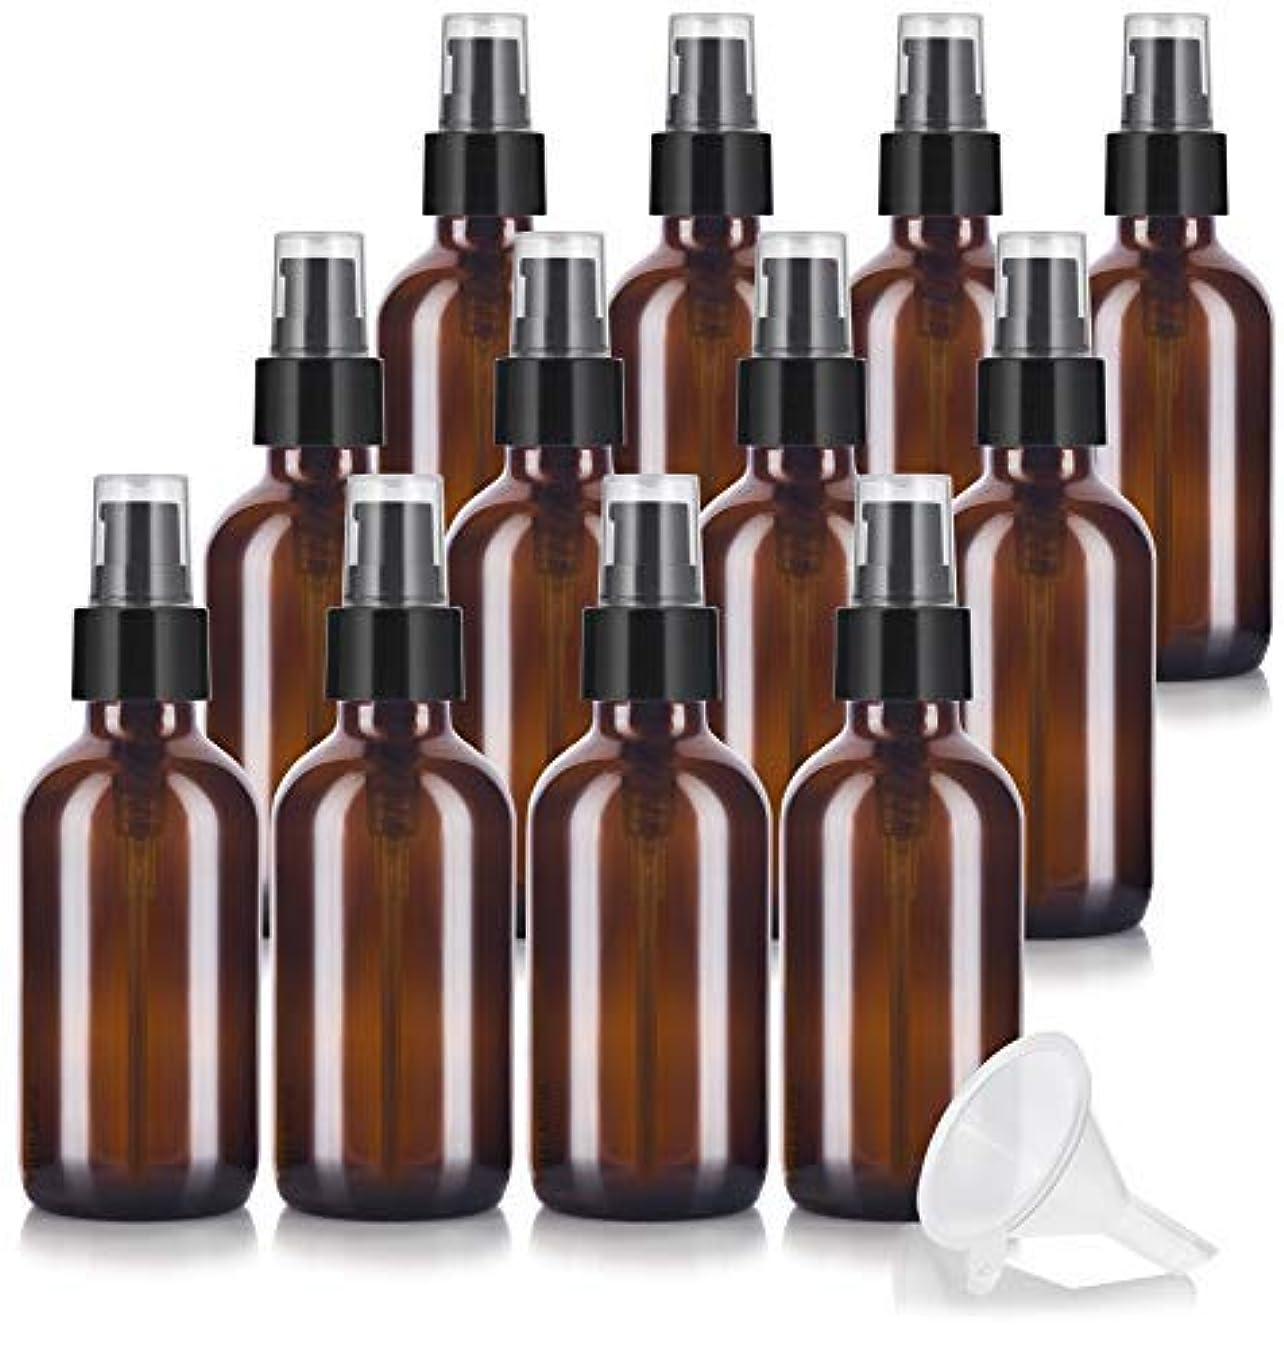 署名制限された冊子4 oz Amber Glass Boston Round Treatment Pump Bottle (12 pack) + Funnel and Labels for essential oils, aromatherapy...